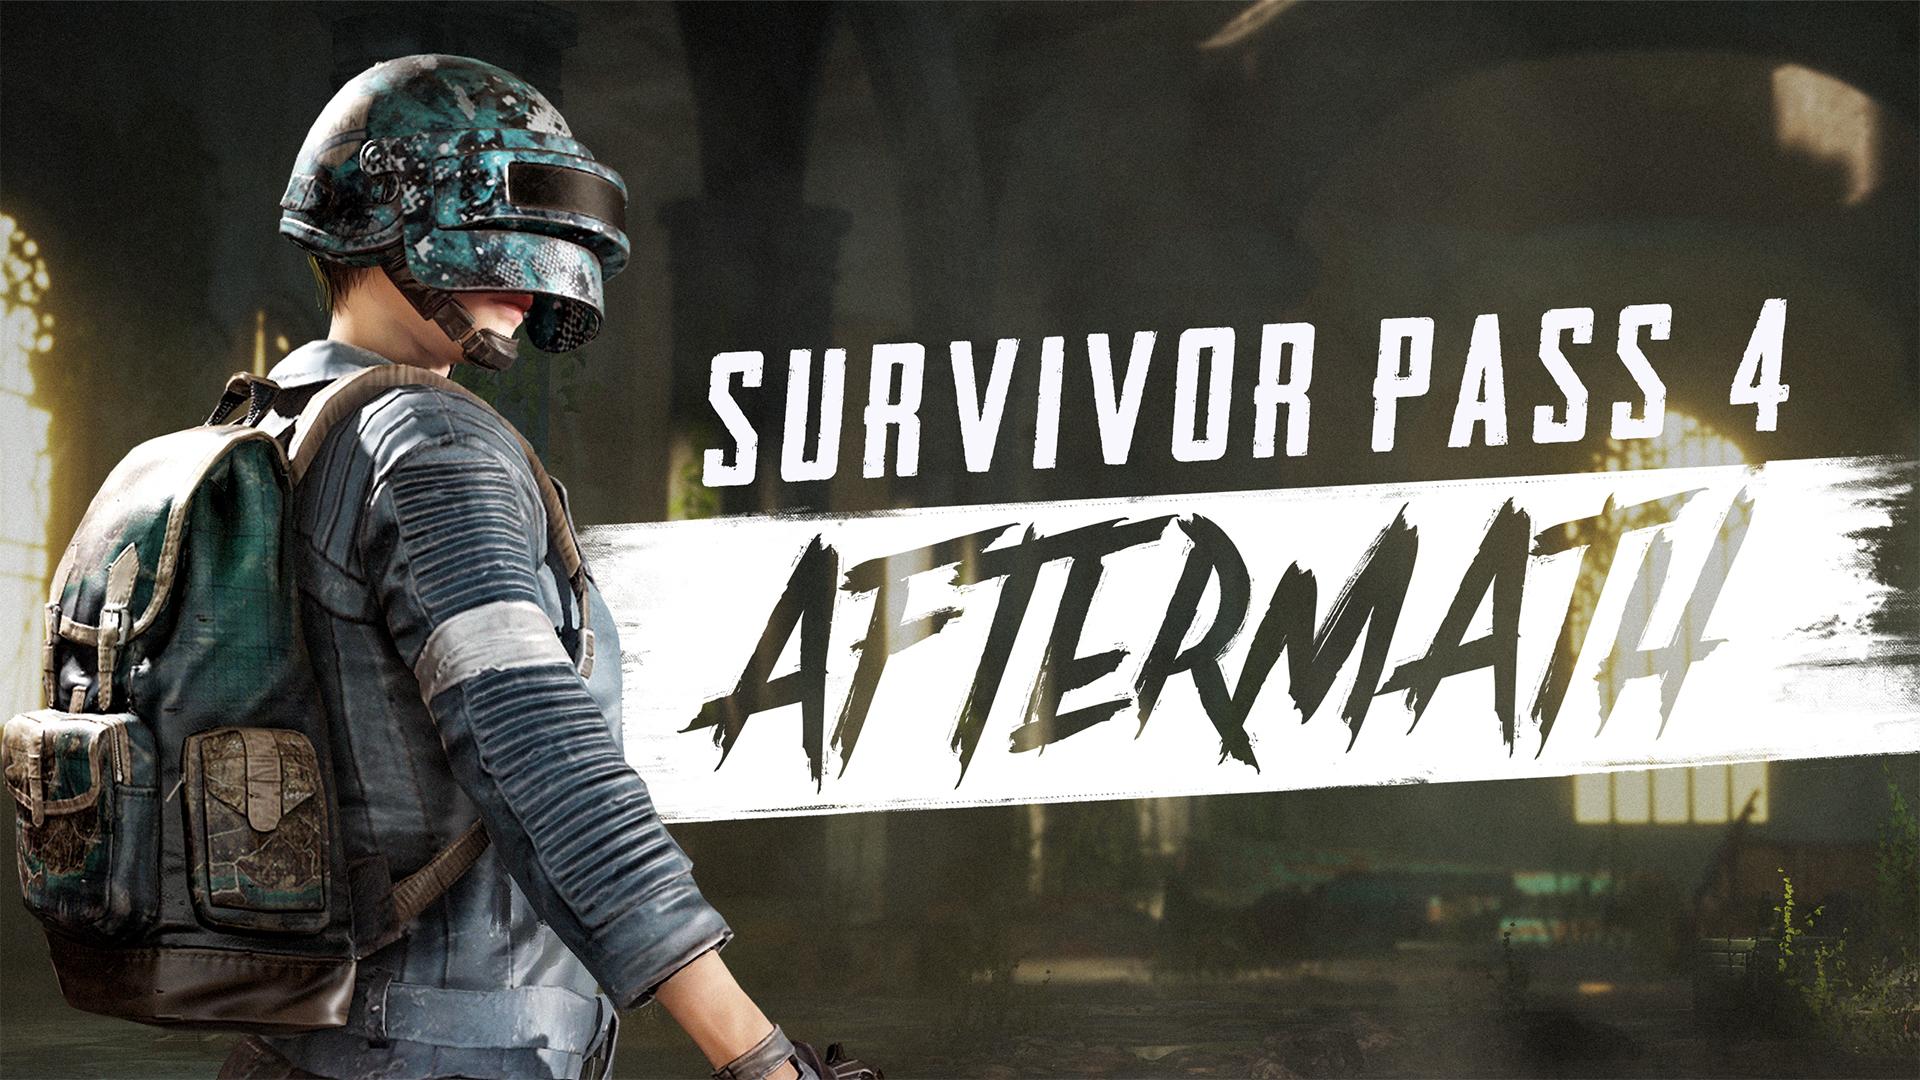 绝地求生吃鸡余波生存通行证4 /Survivor Pass 4 AFTERMAT新dlc